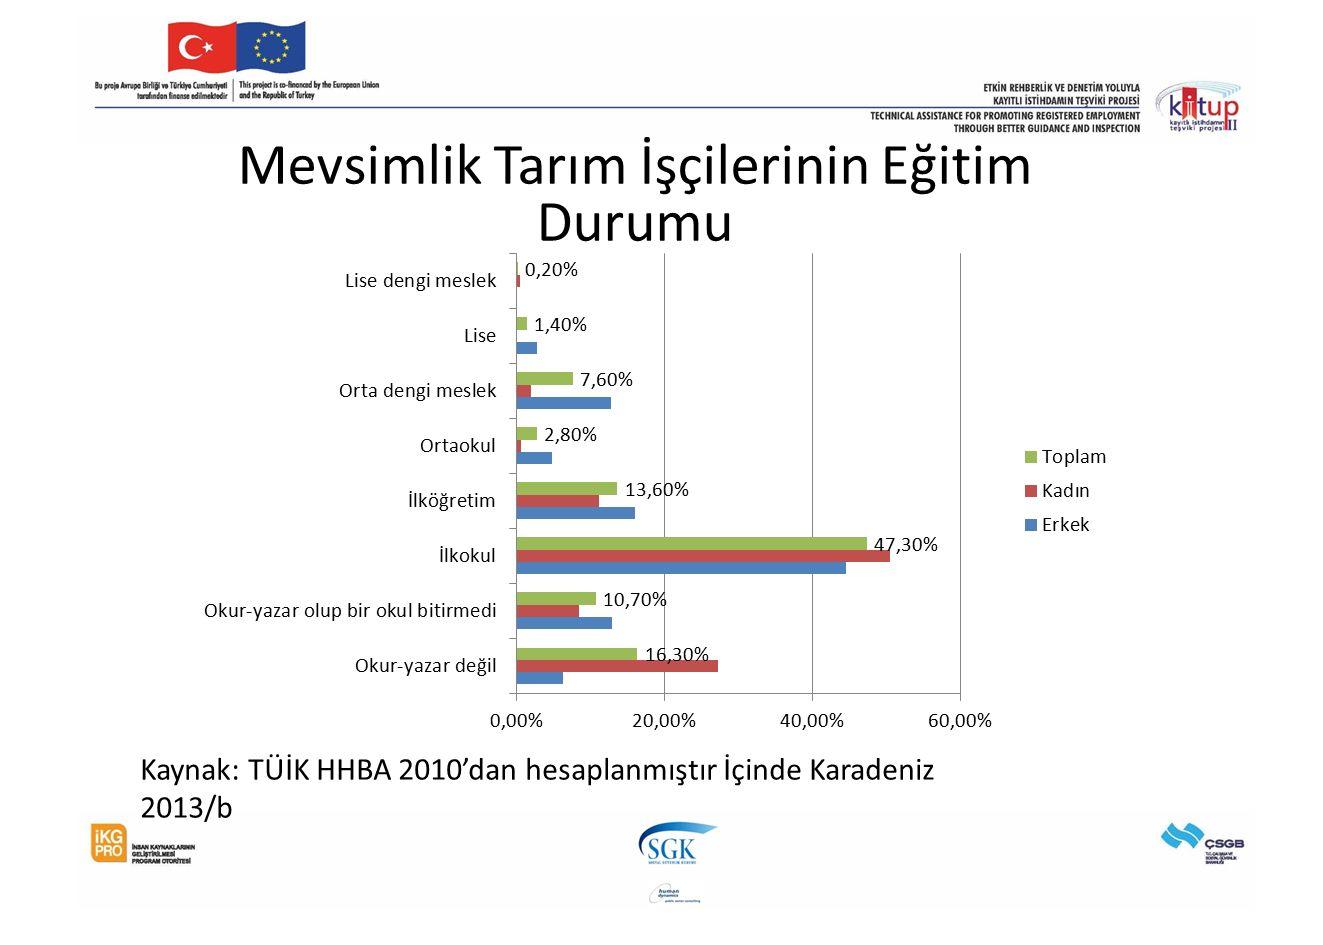 Mevsimlik Tarım İşçilerinin Eğitim Durumu Kaynak: TÜİK HHBA 2010'dan hesaplanmıştır İçinde Karadeniz 2013/b